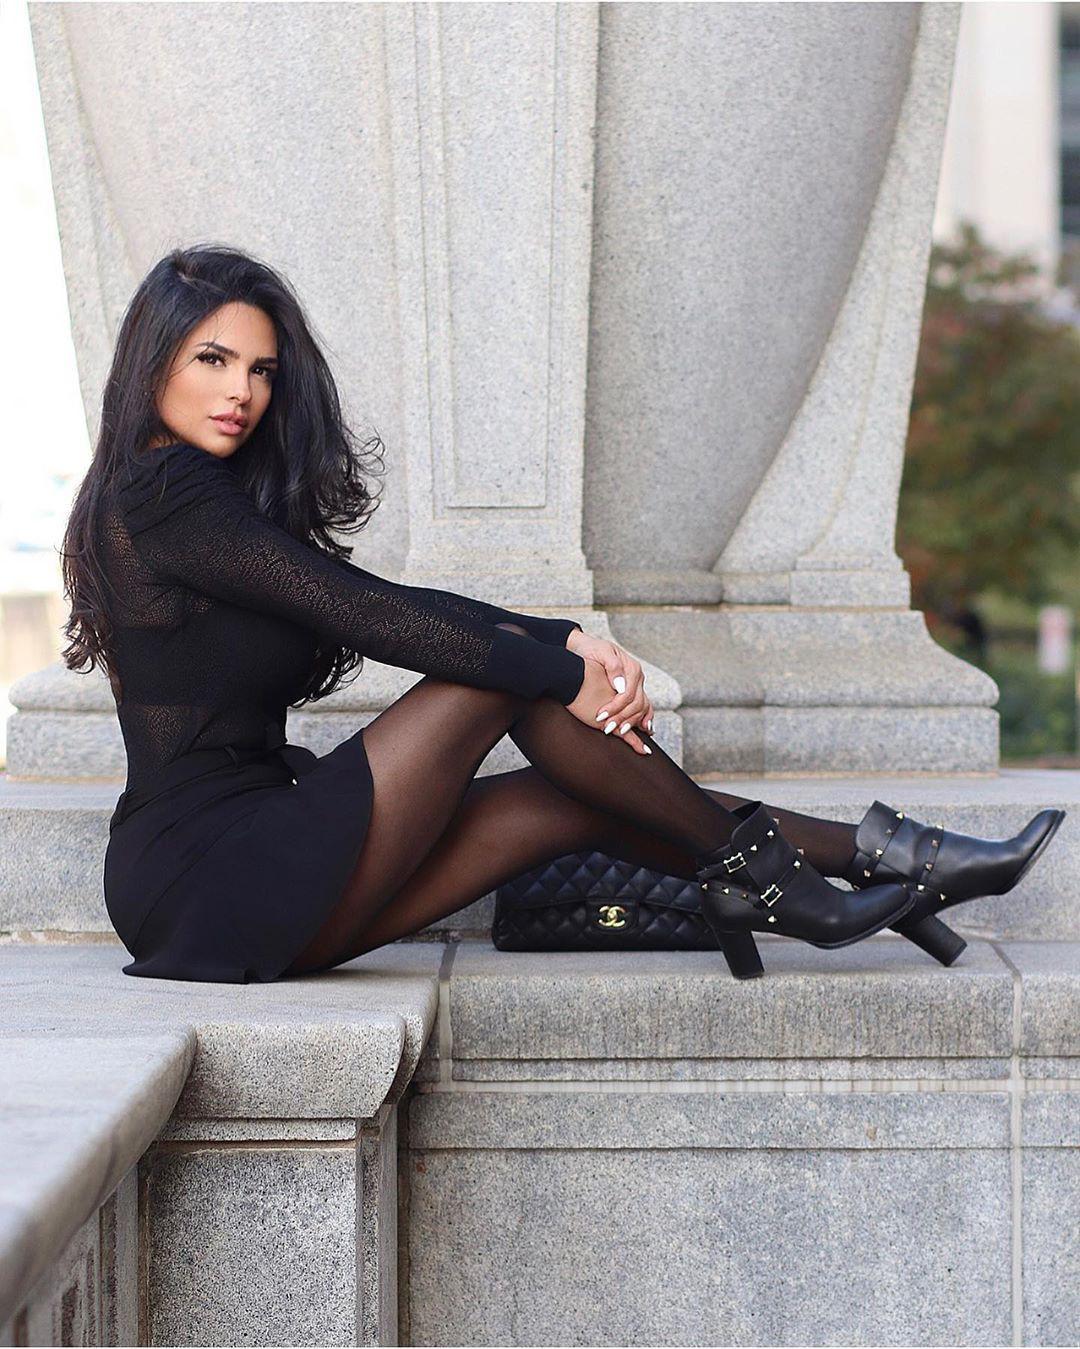 Shadi Y Cair female thighs, sexy legs, Hot Instagram Model